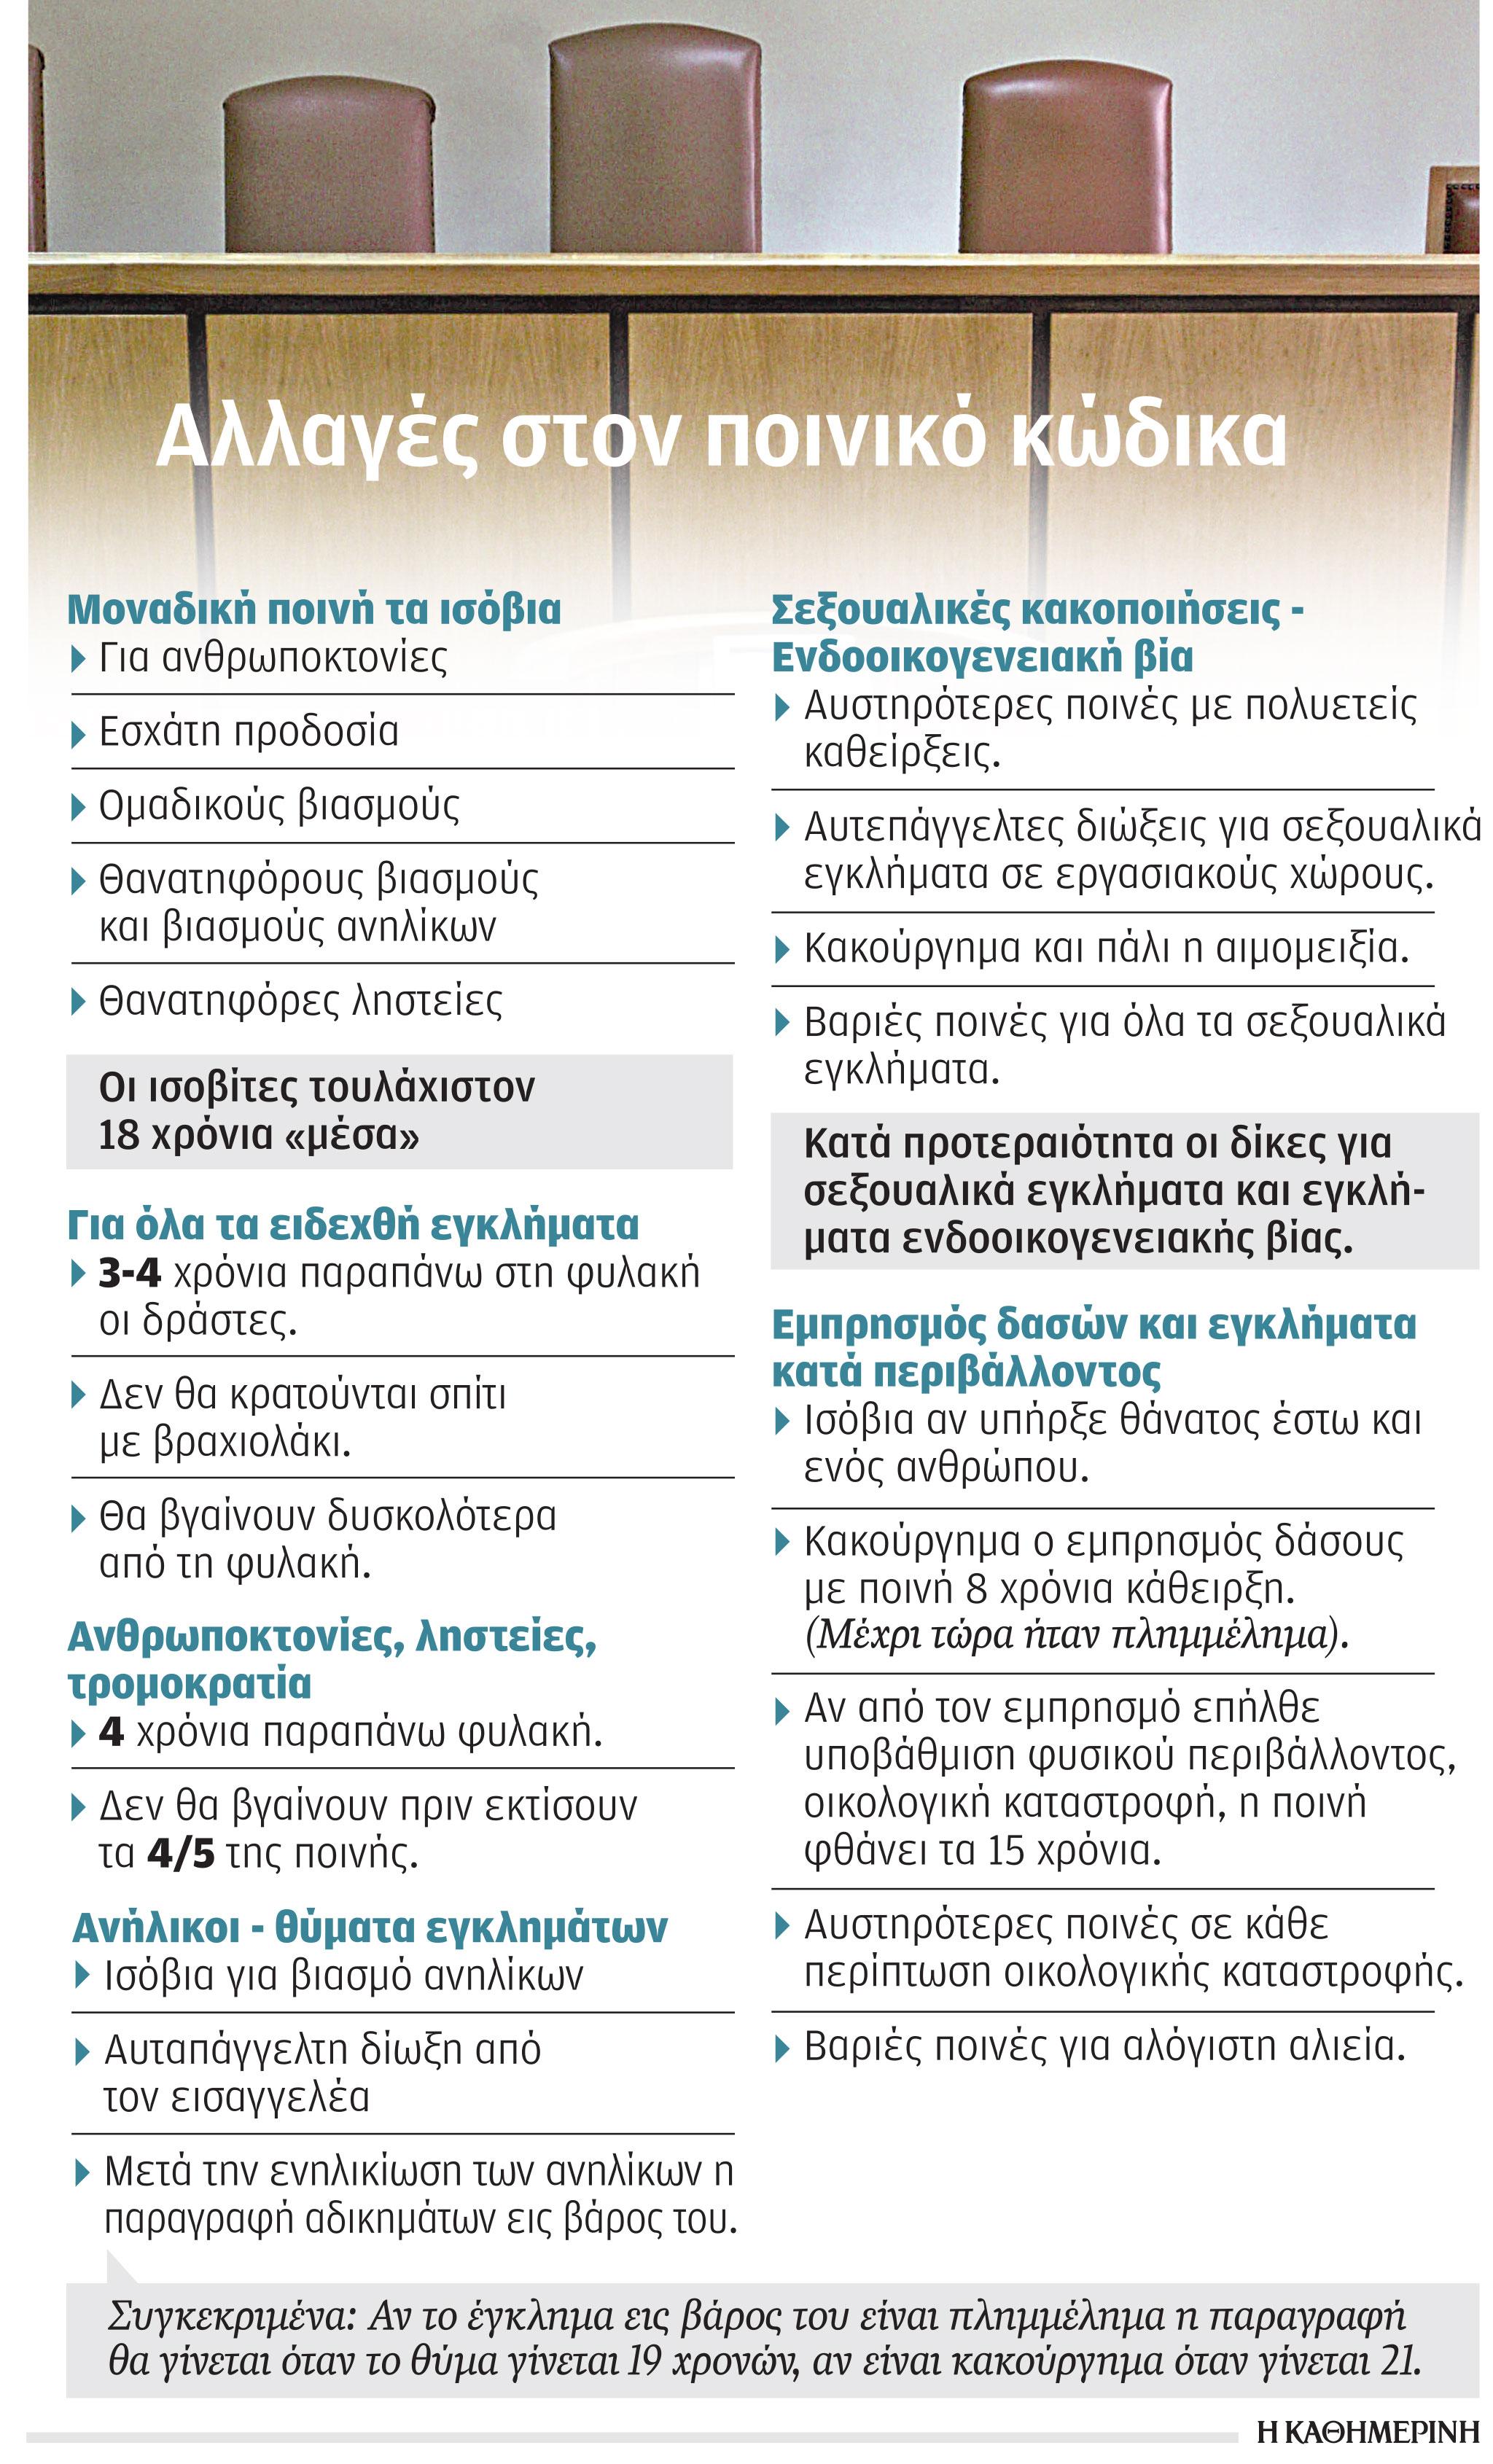 poinikos-kodikas-epistrefoyn-ta-isovia-gia-eidechthi-egklimata1